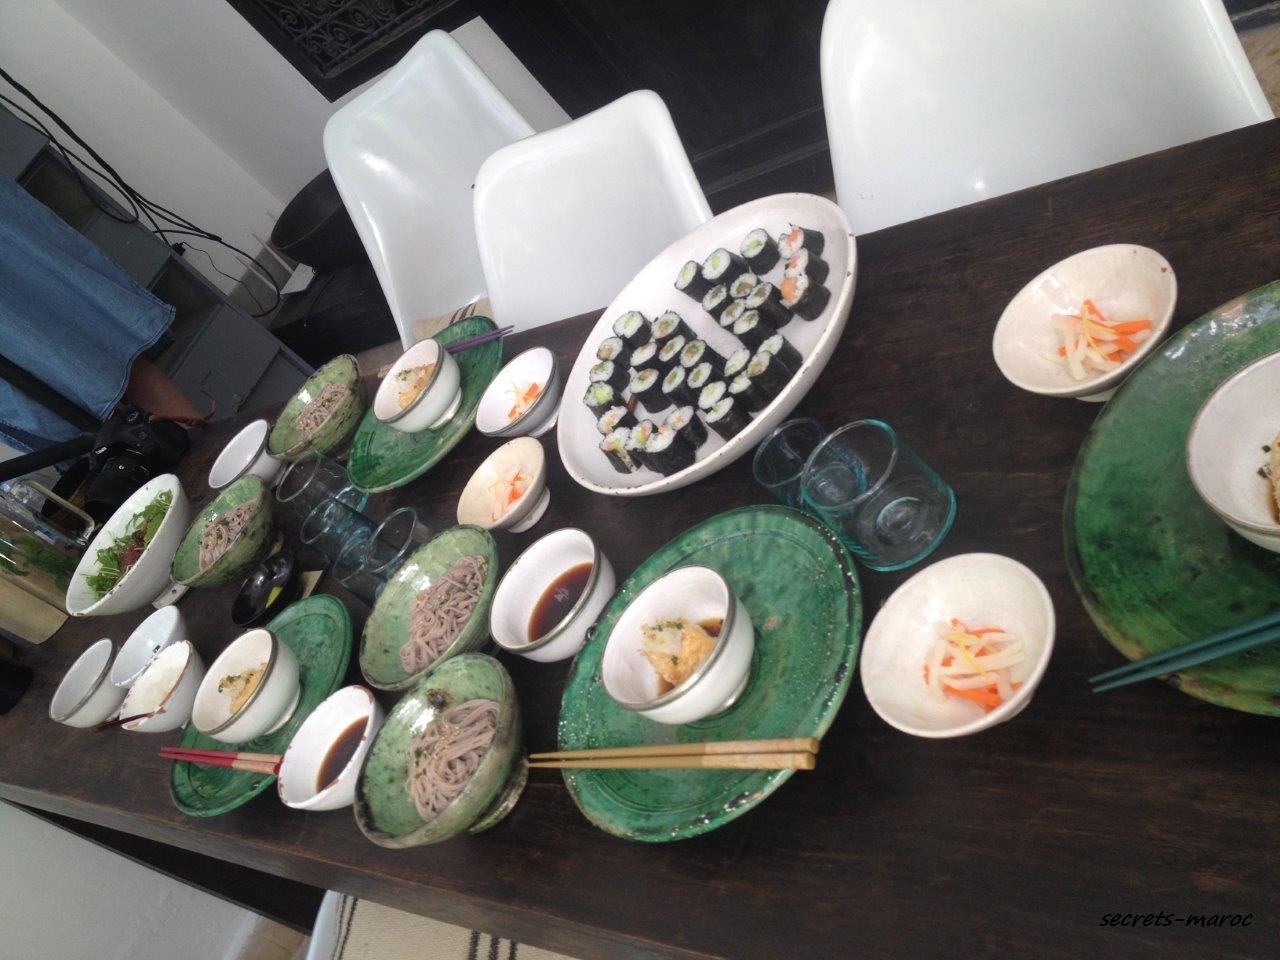 tablenorimaki-cusine.jpg